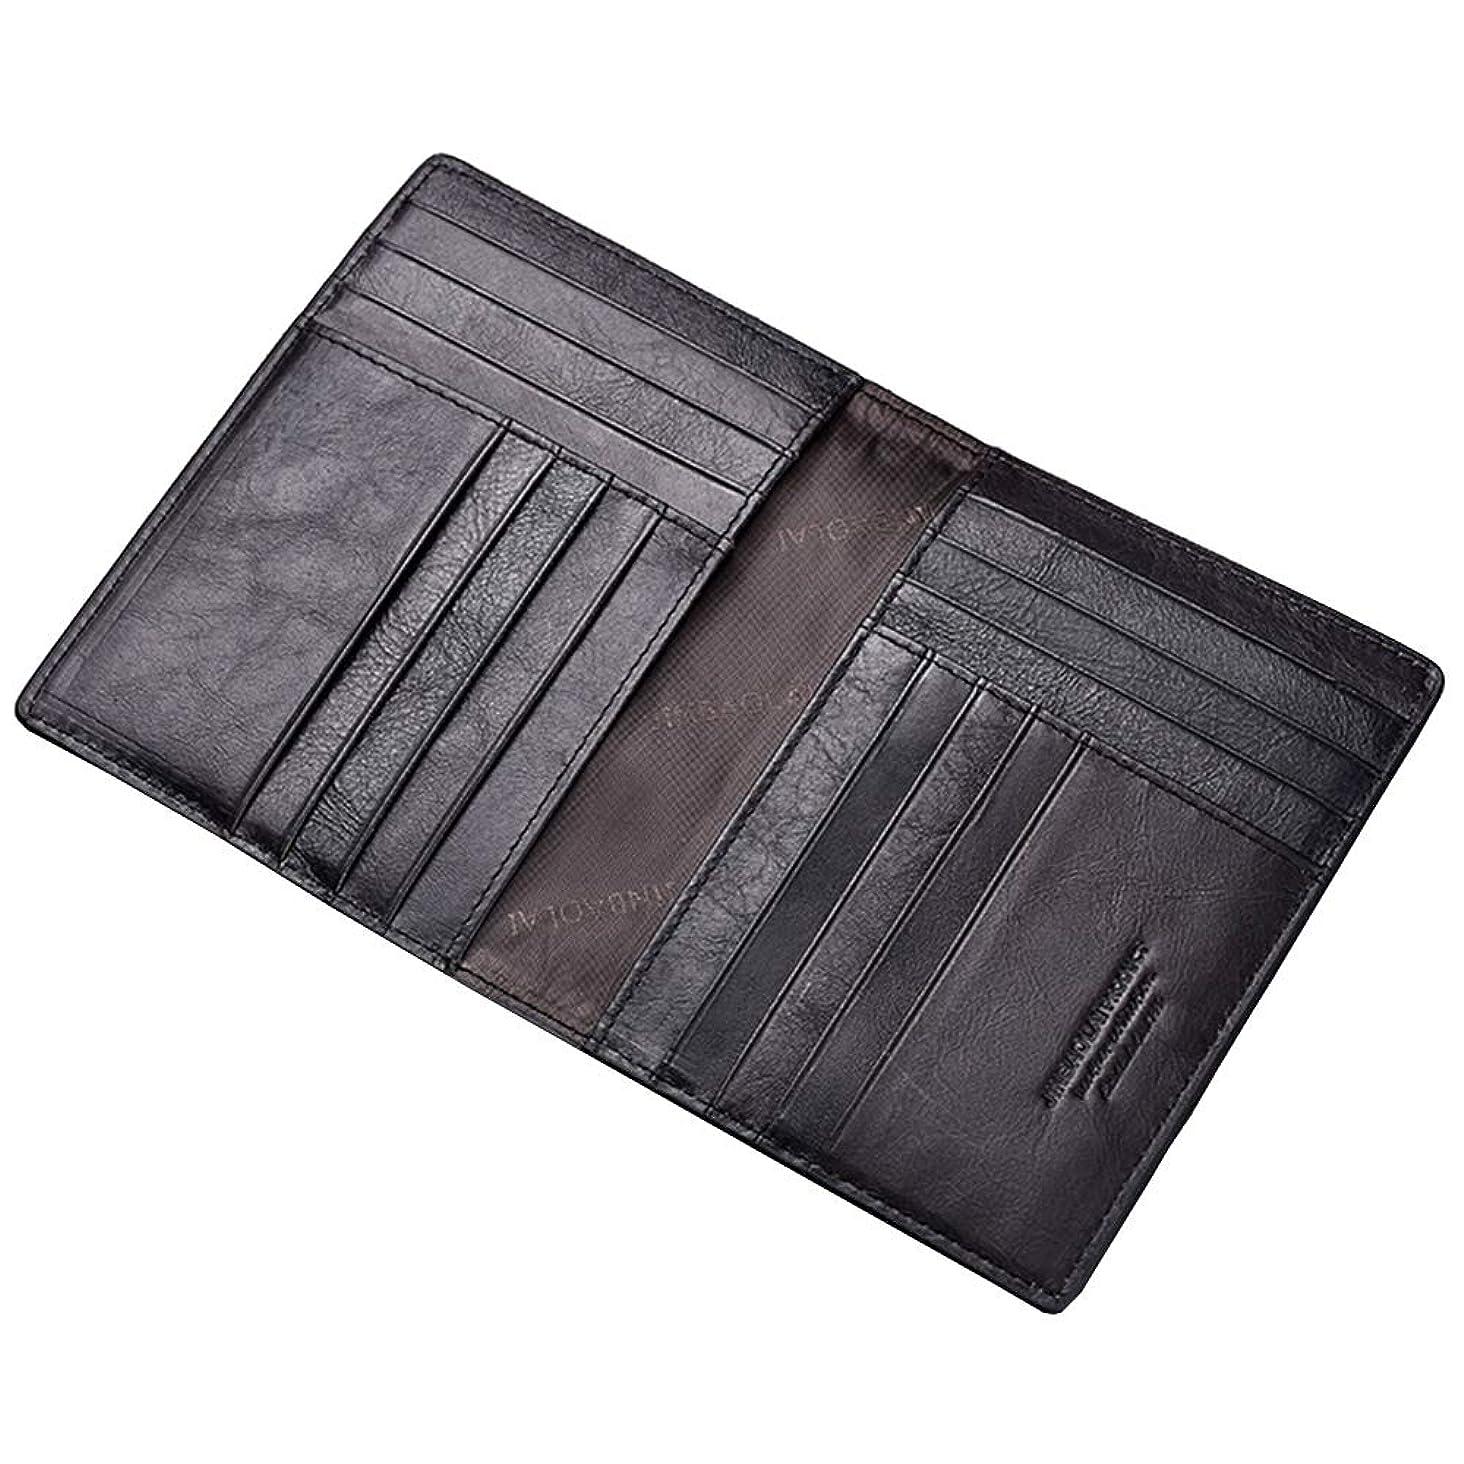 定常ドアミラー不機嫌クレジットカードケース カード/パスポートホルダー 二つ折り 本革 レザー 大容量/便利 カード収納 メンズ